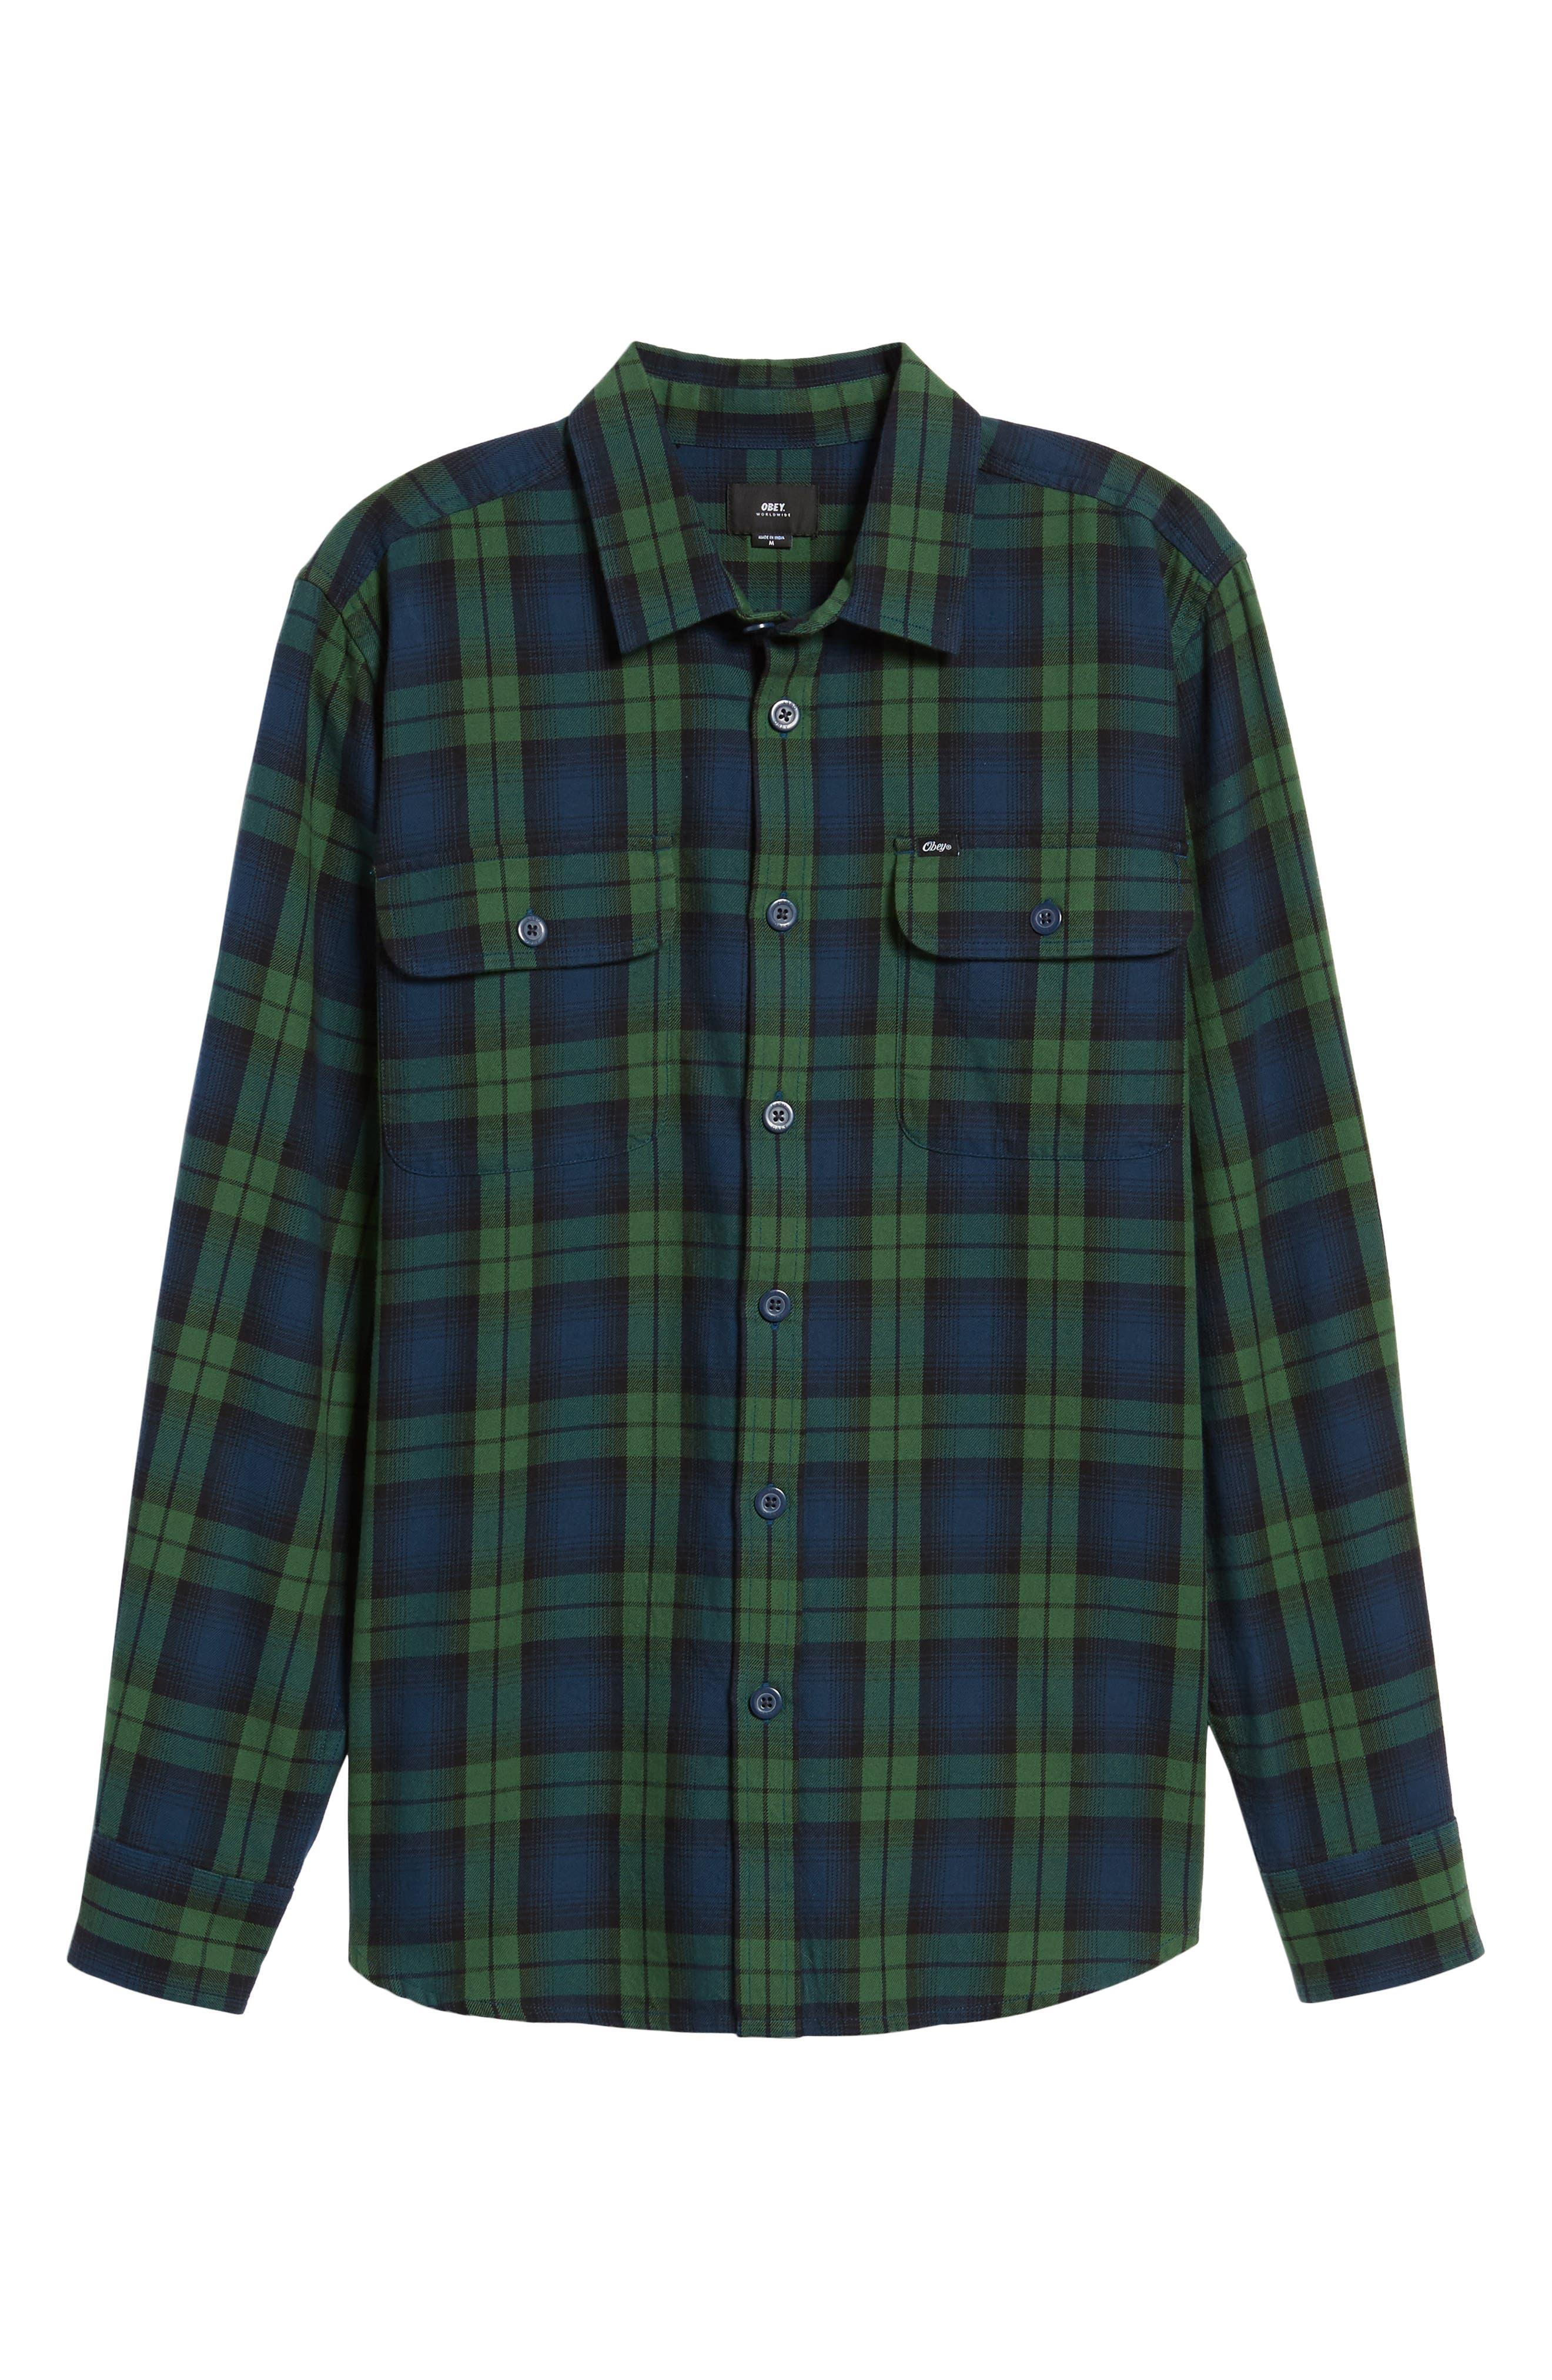 Norwich Plaid Woven Shirt,                             Alternate thumbnail 6, color,                             303